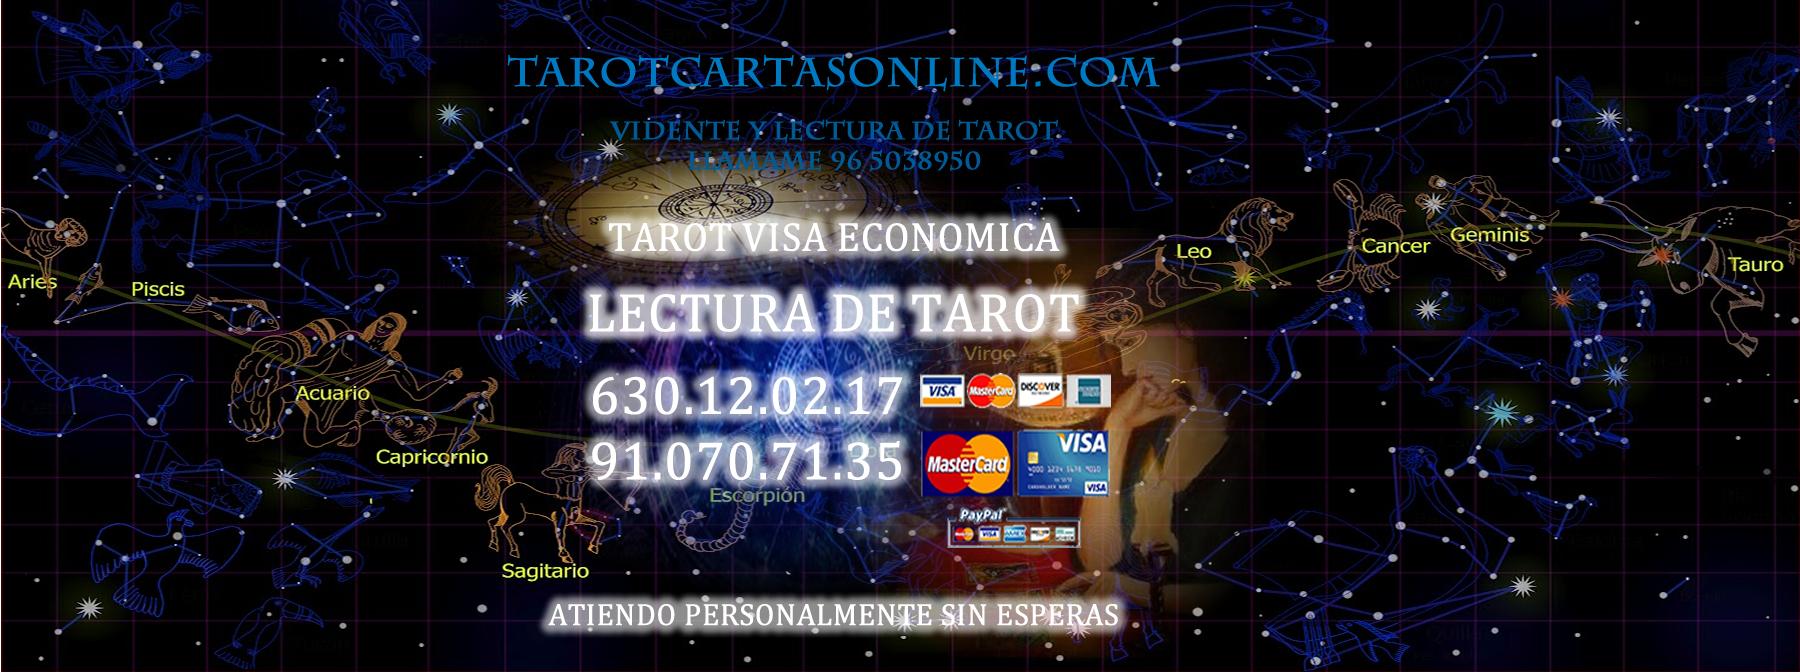 Tarot Cartas Online